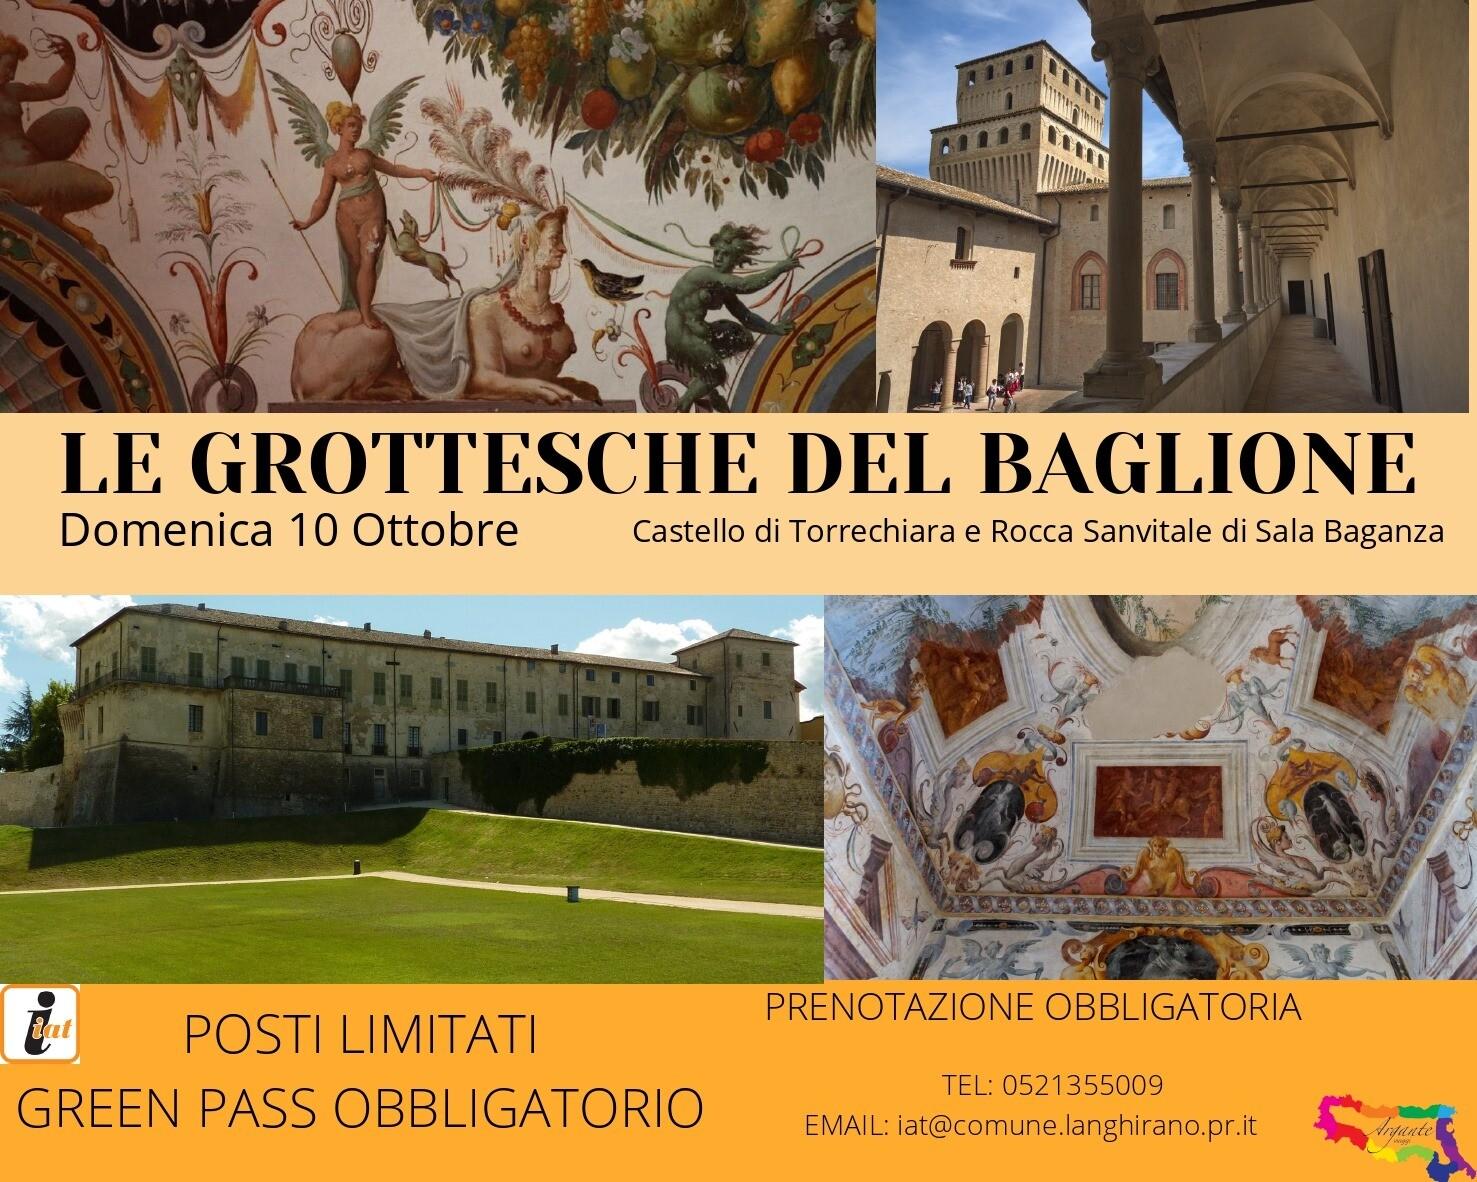 Le Grottesche del Baglione del castello di Torrechiara